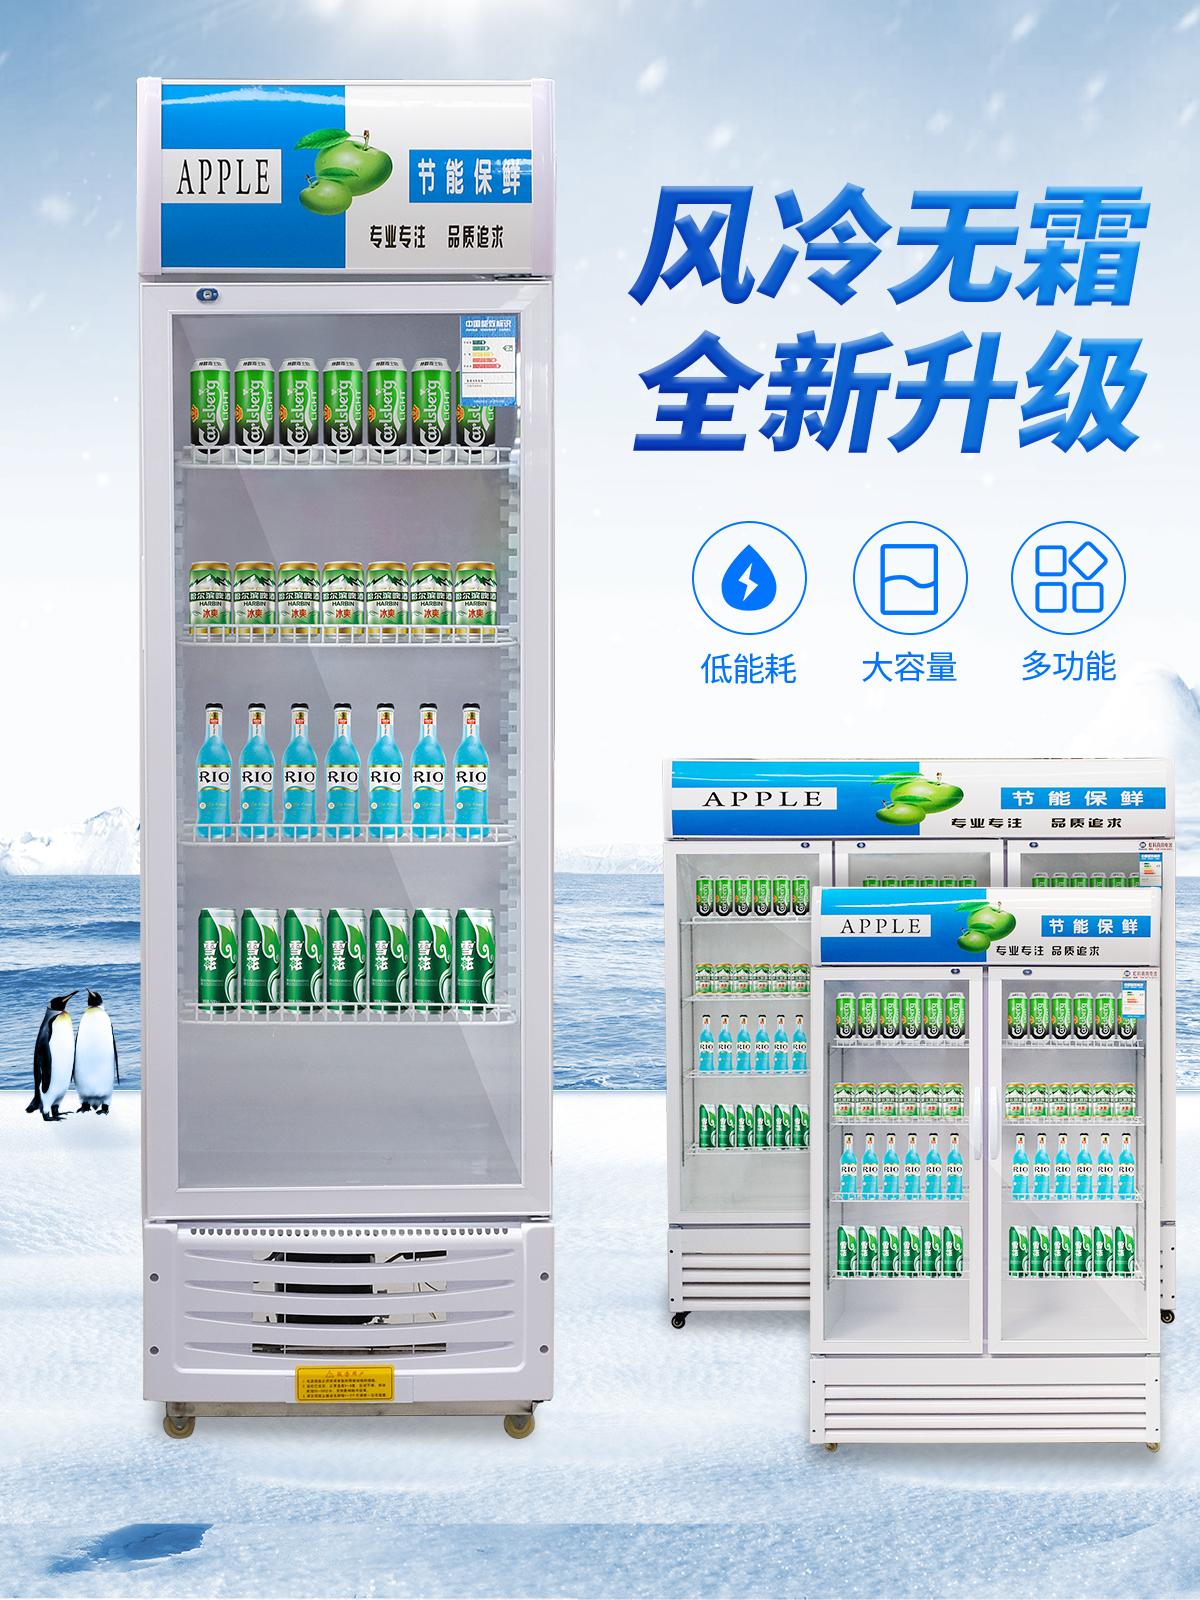 798.00元包邮节能展示柜商用立式冰柜冰箱冷藏超市单门双门三门啤酒水果保鲜柜